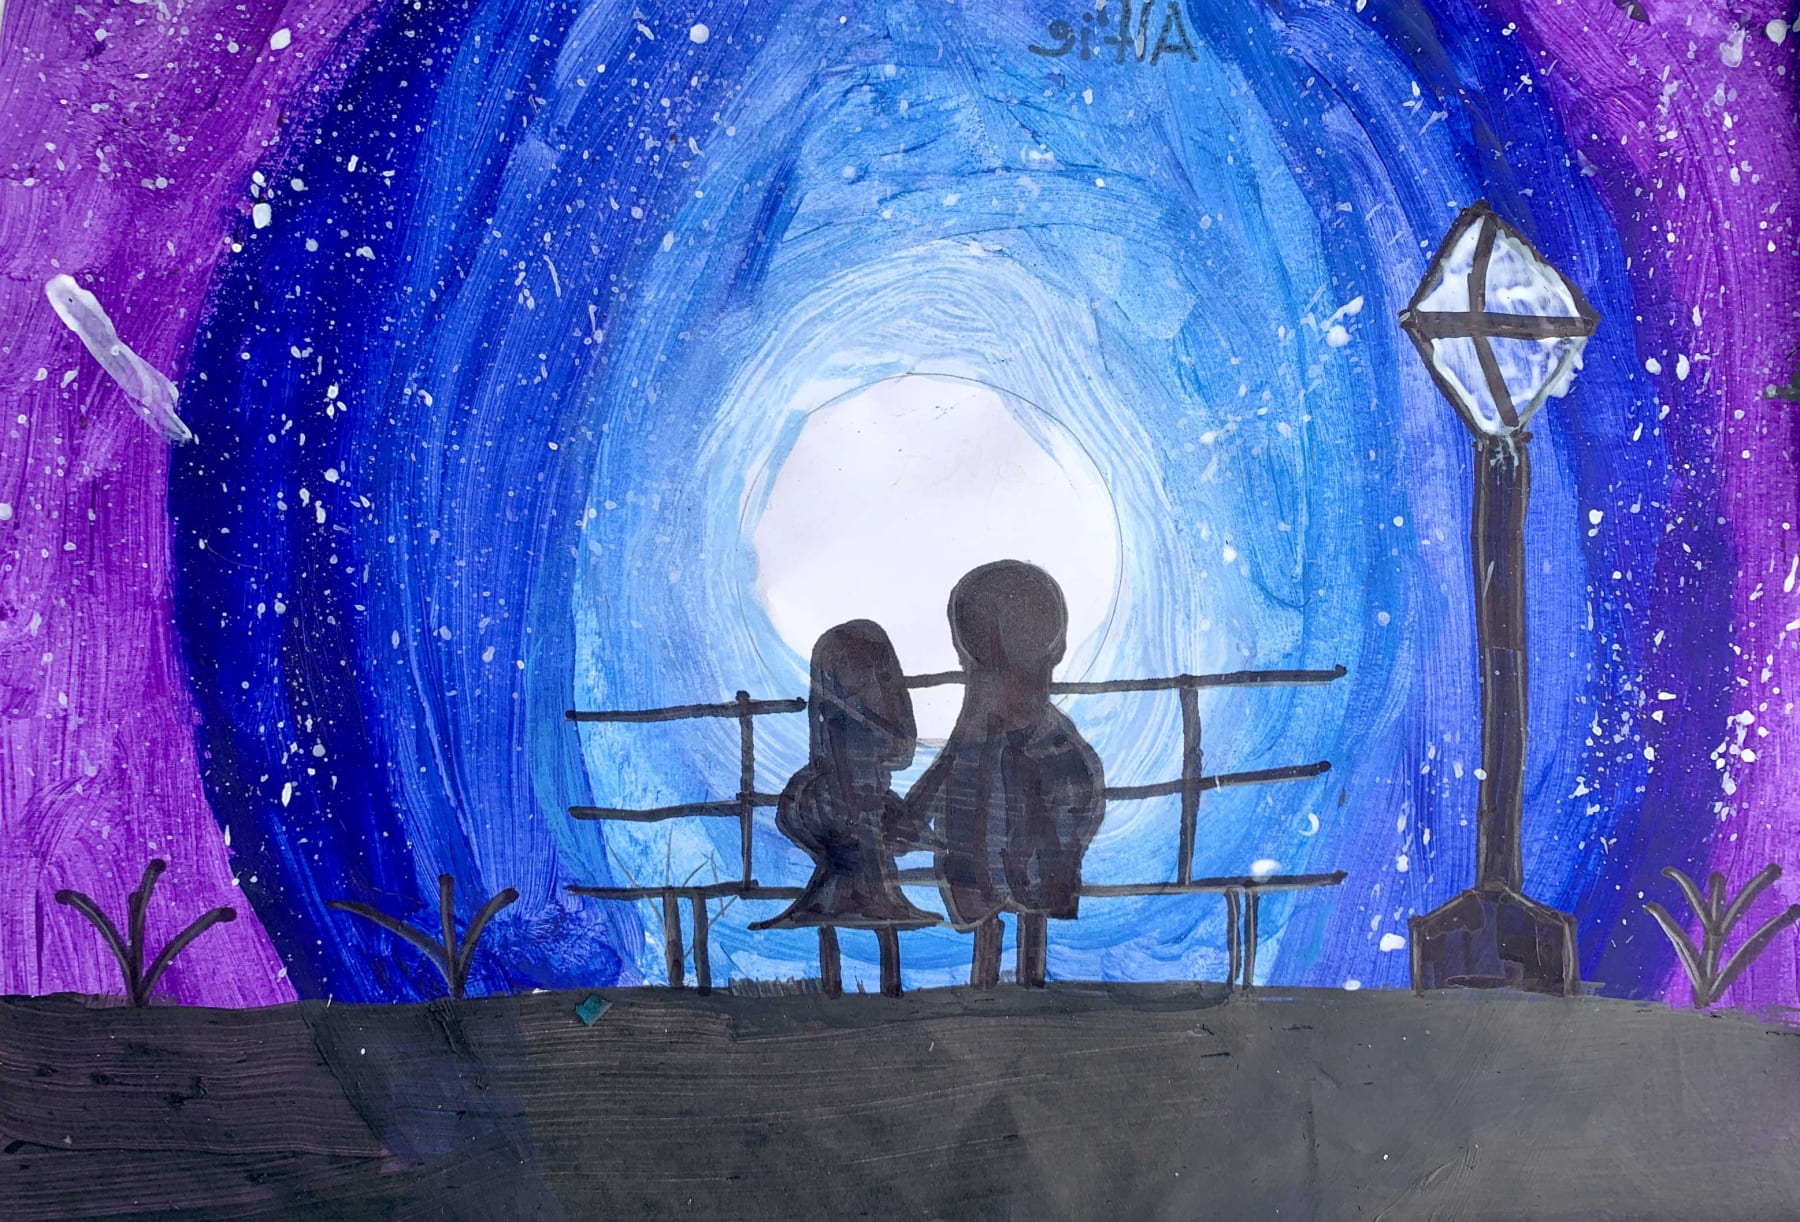 Alfie Kurlo, Age 10, Moonlight Love